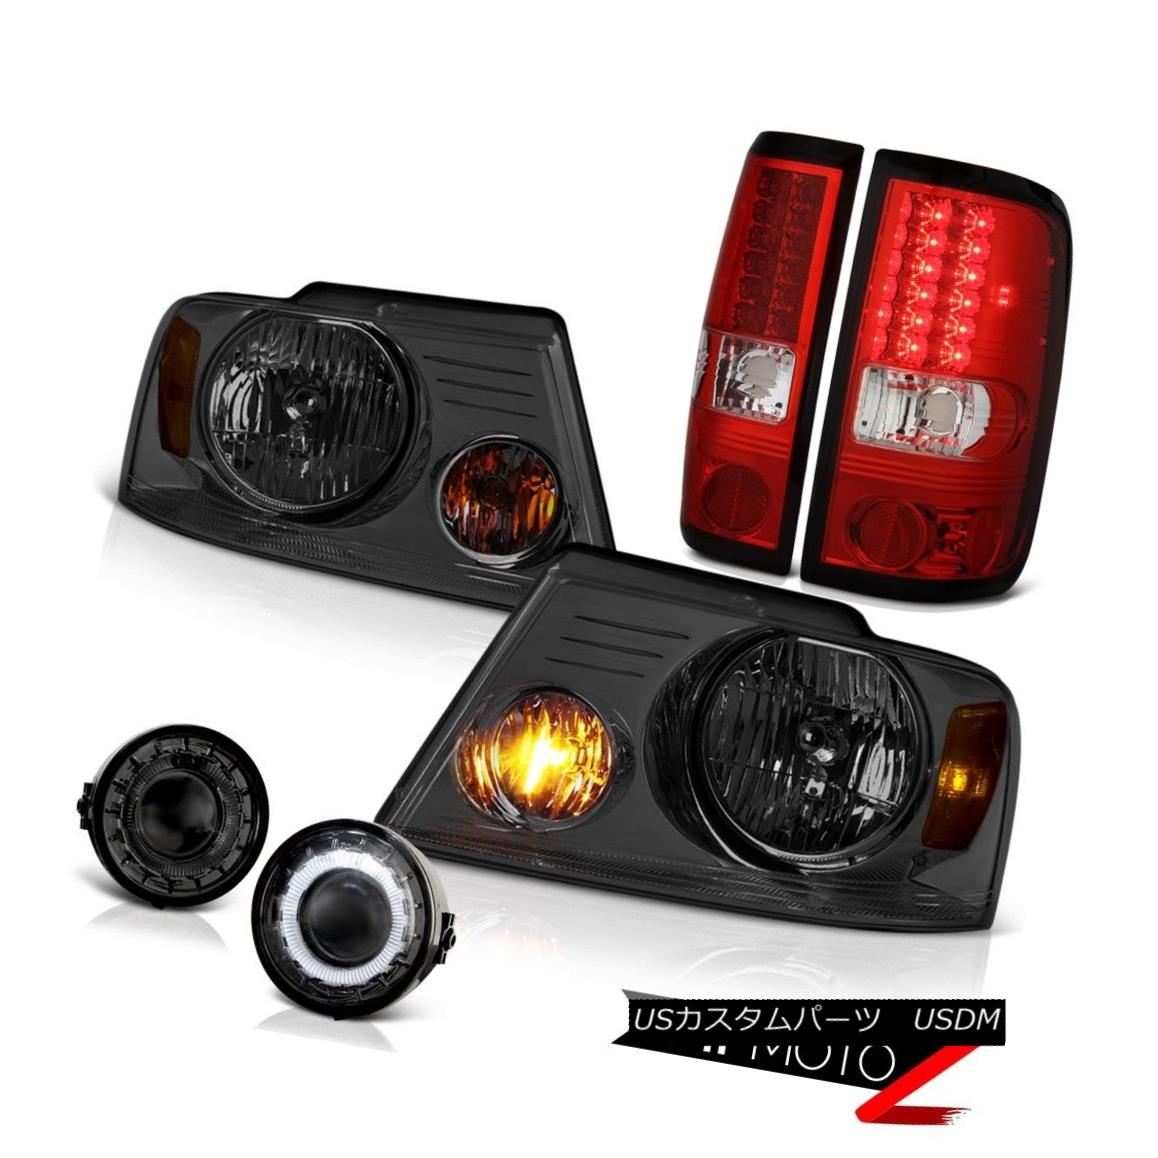 ヘッドライト 2006-2008 FORD F150 Smoke Headlight Halo Foglamp Red LED Tail Lights Brake Lamp 2006-2008フォードF150煙ヘッドライトHalo FoglampレッドLEDテールライトブレーキランプ